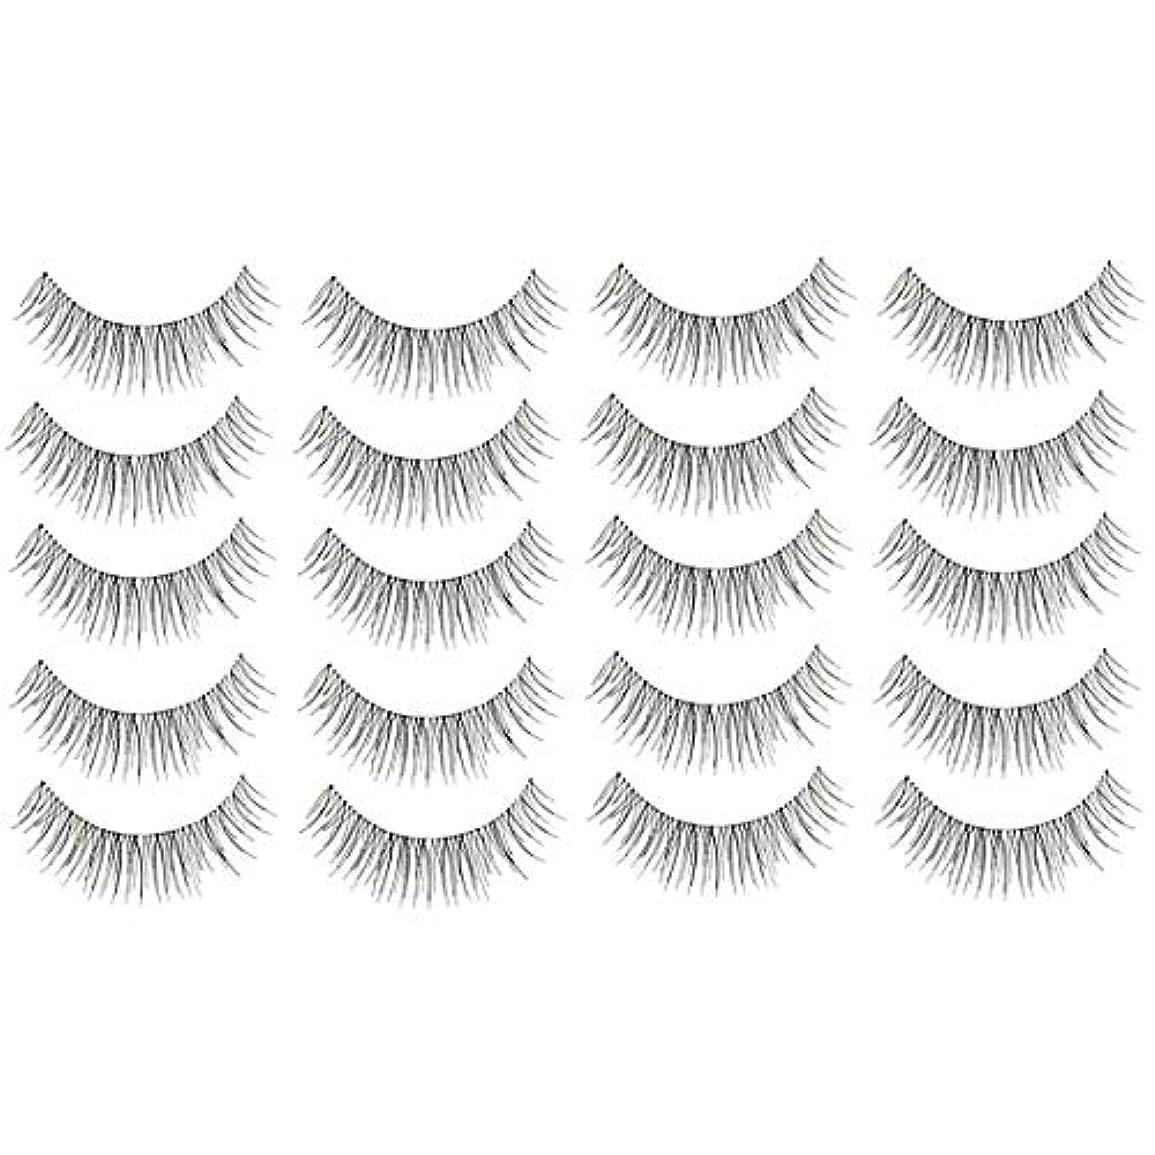 ダメージガチョウ偏心美容アクセサリー 10ペア218クリスクロス透明なステムナチュラルメイク授乳魅力的な長いシックな黒い偽のまつげ 写真美容アクセサリー